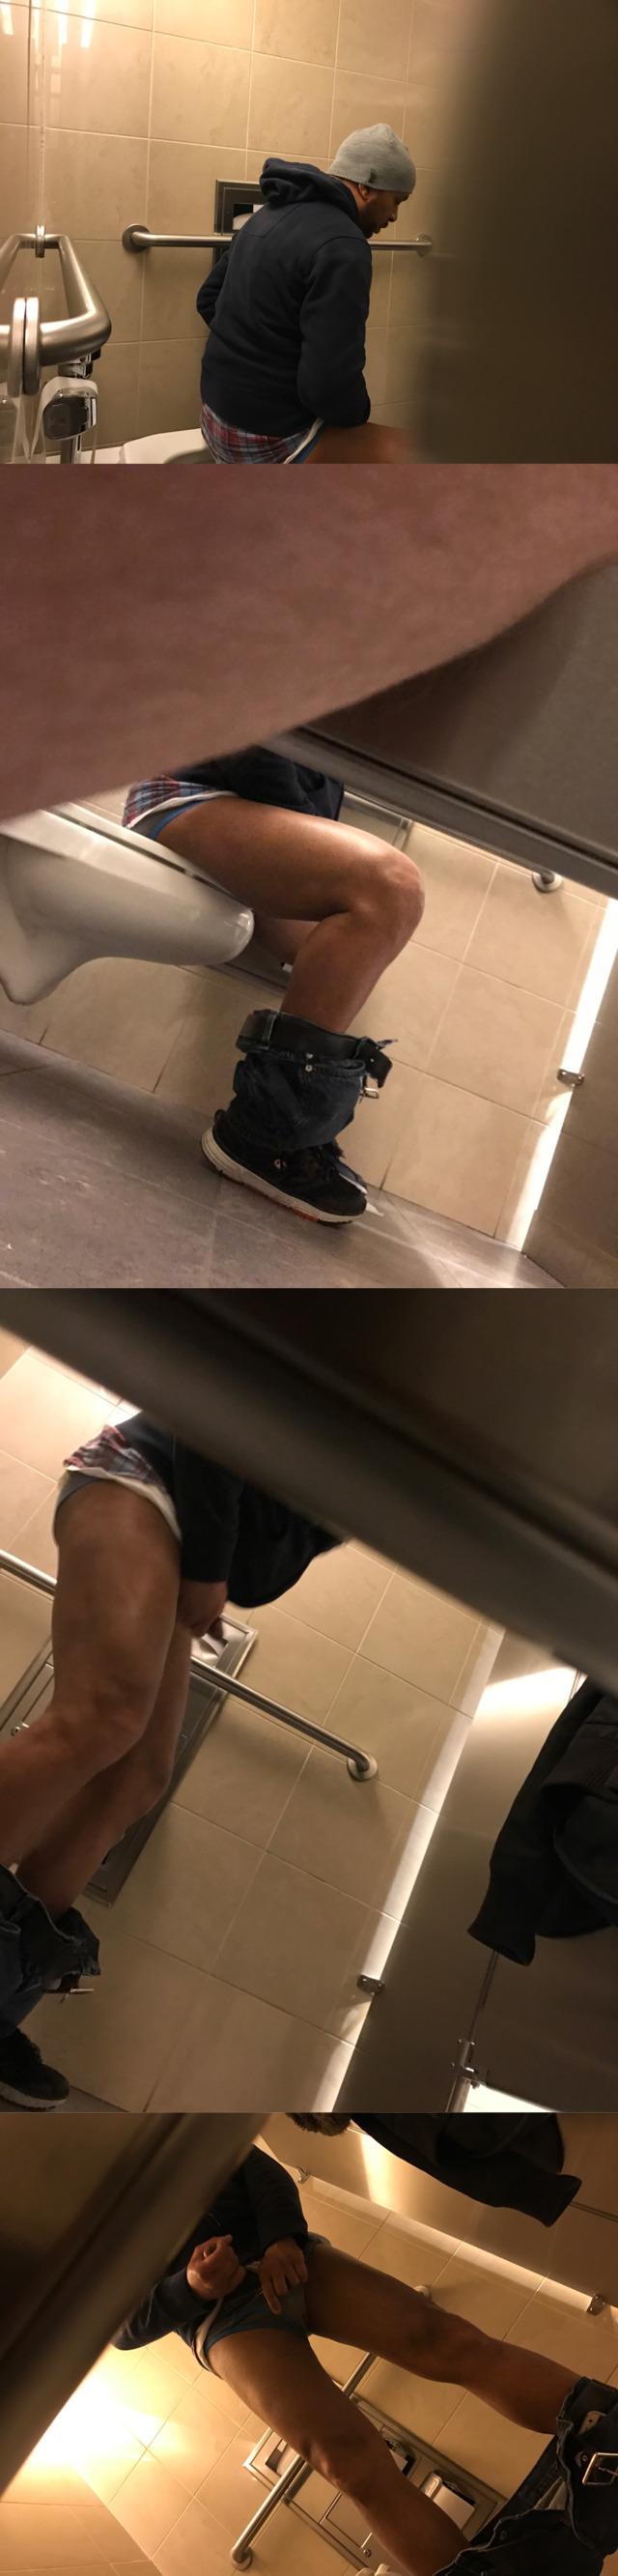 black toilet cam